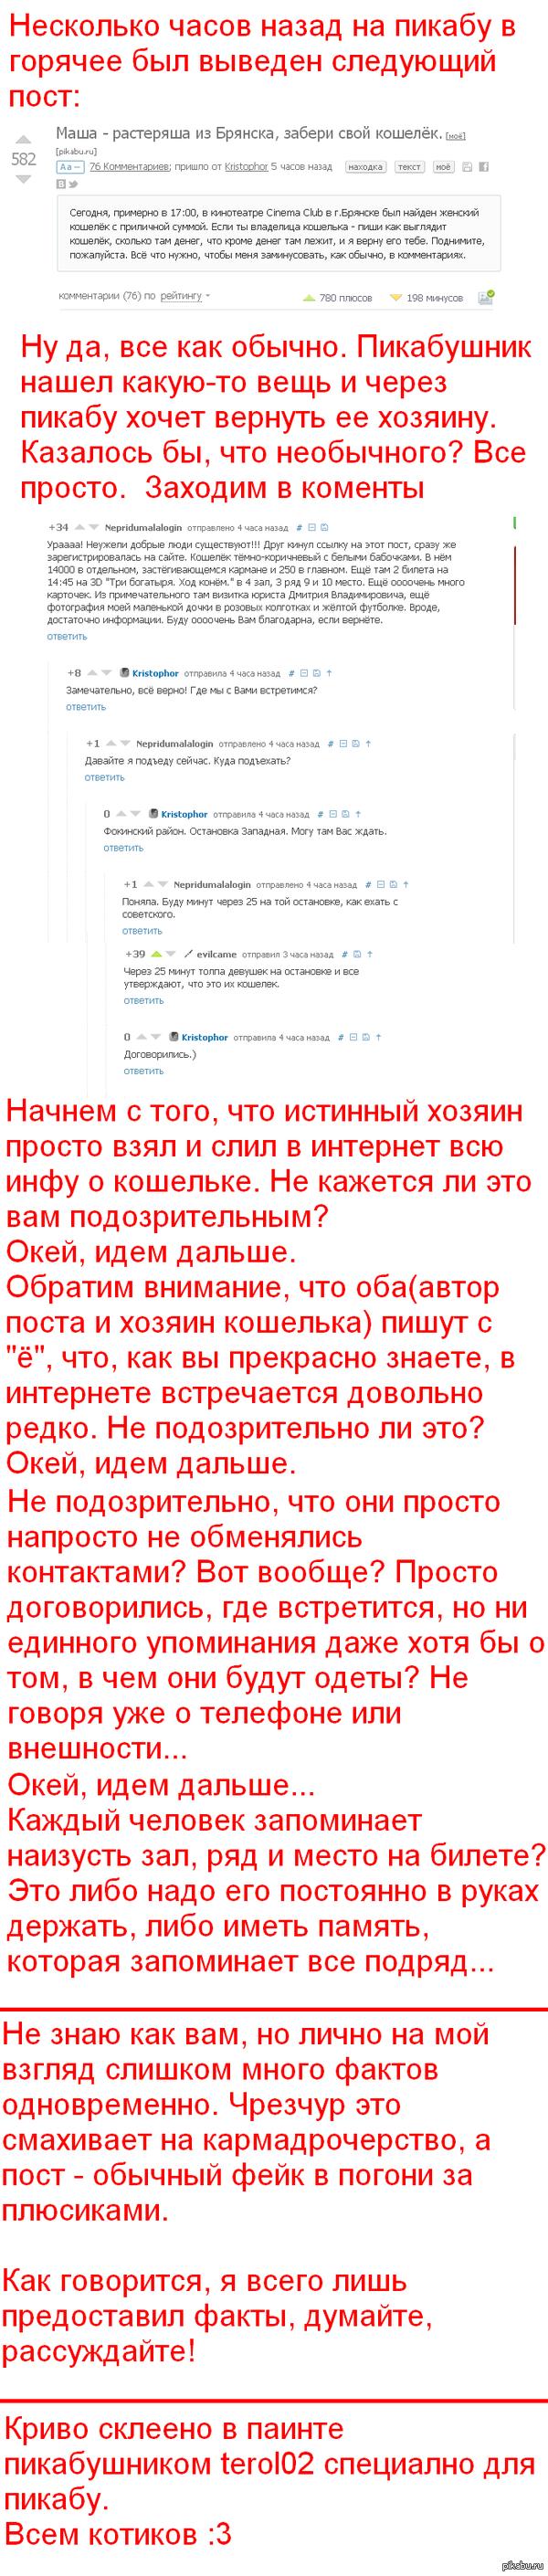 """Как кармадрочерством запахло в посте за километры... <a href=""""http://pikabu.ru/story/masha__rasteryasha_iz_bryanska_zaberi_svoy_koshelyok_2968186"""">http://pikabu.ru/story/_2968186</a>  За все возможные ошибки и опечатки приношу извинения :3"""